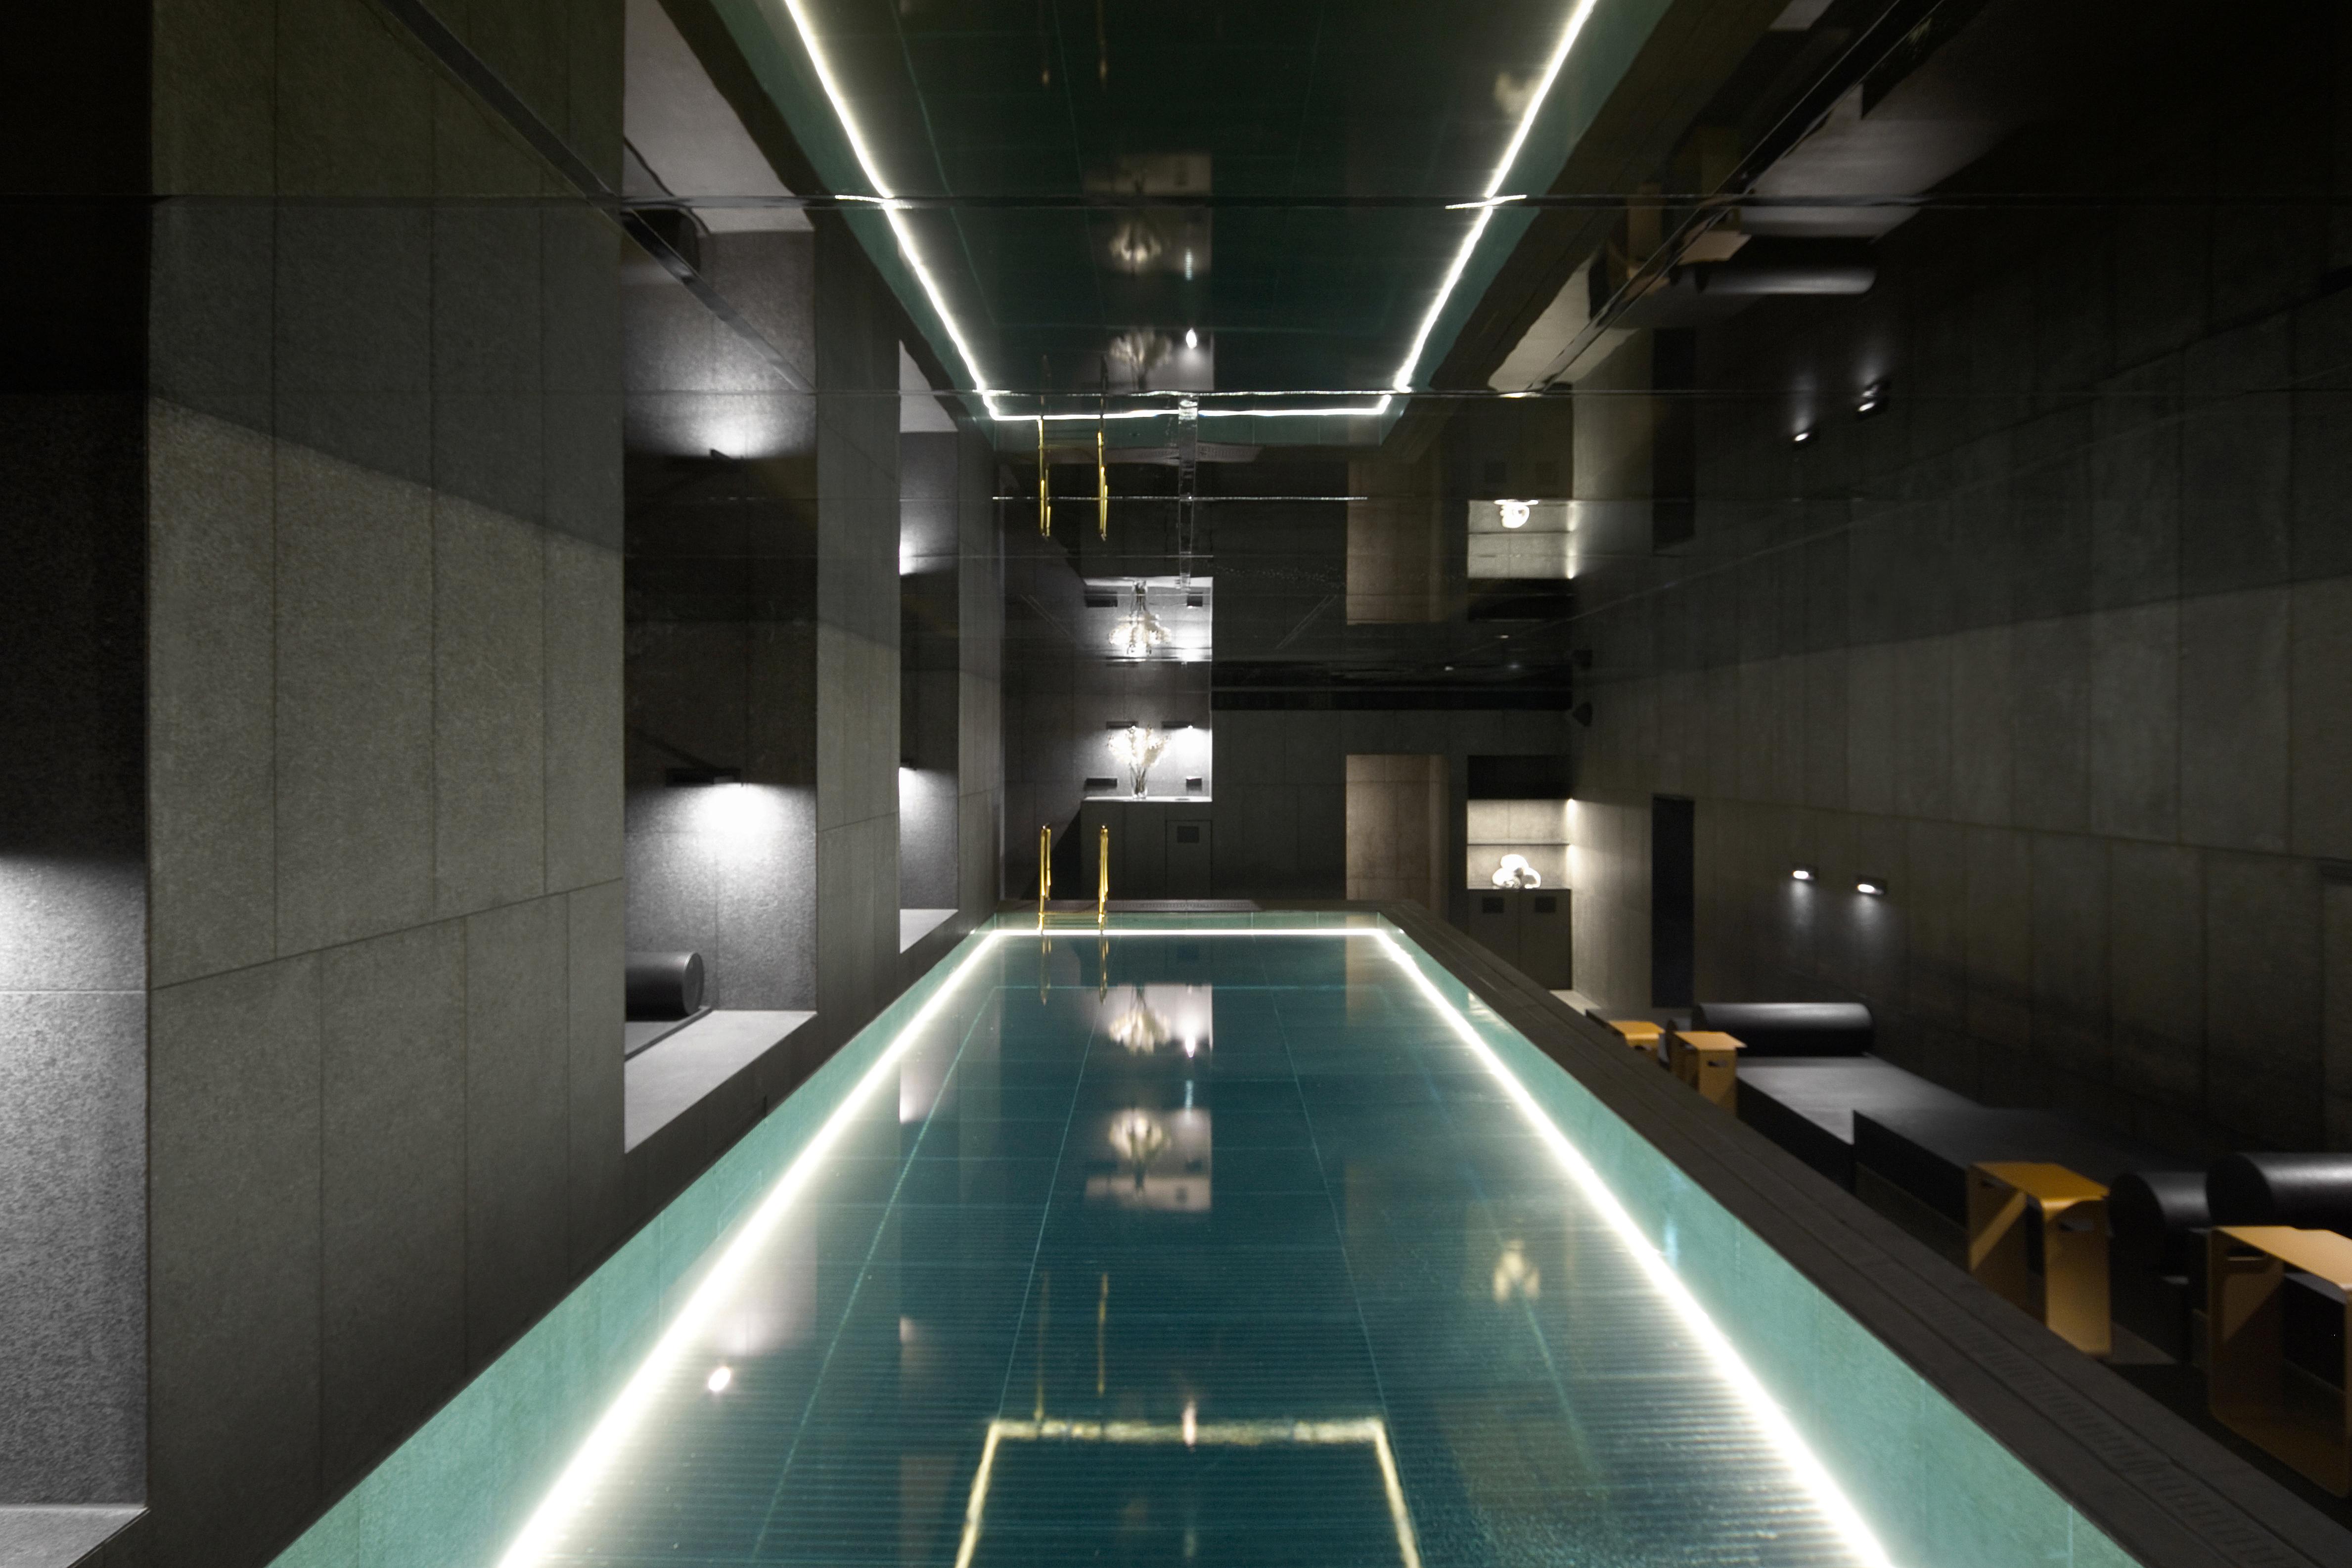 הספא החדש במלון W באמסטרדם - בעיצוב של ישראלים  (צילום: Joraima Tromp, באדיבות האדריכל אלון ברנוביץ ומעצבת-הפנים אירנה קרוננברג )